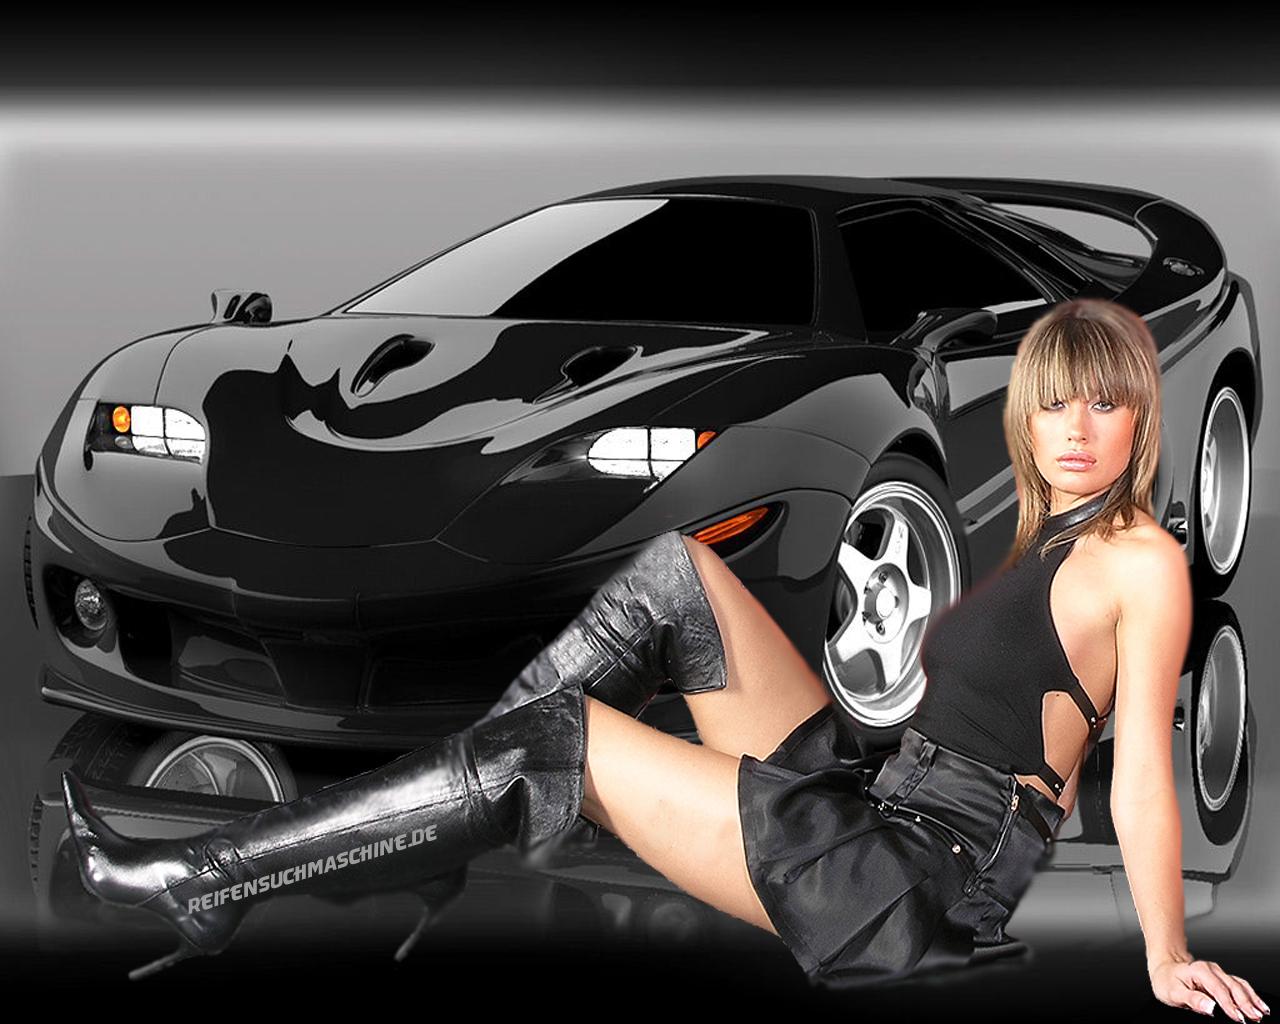 Reifen wechseln - Bilder - Jolie